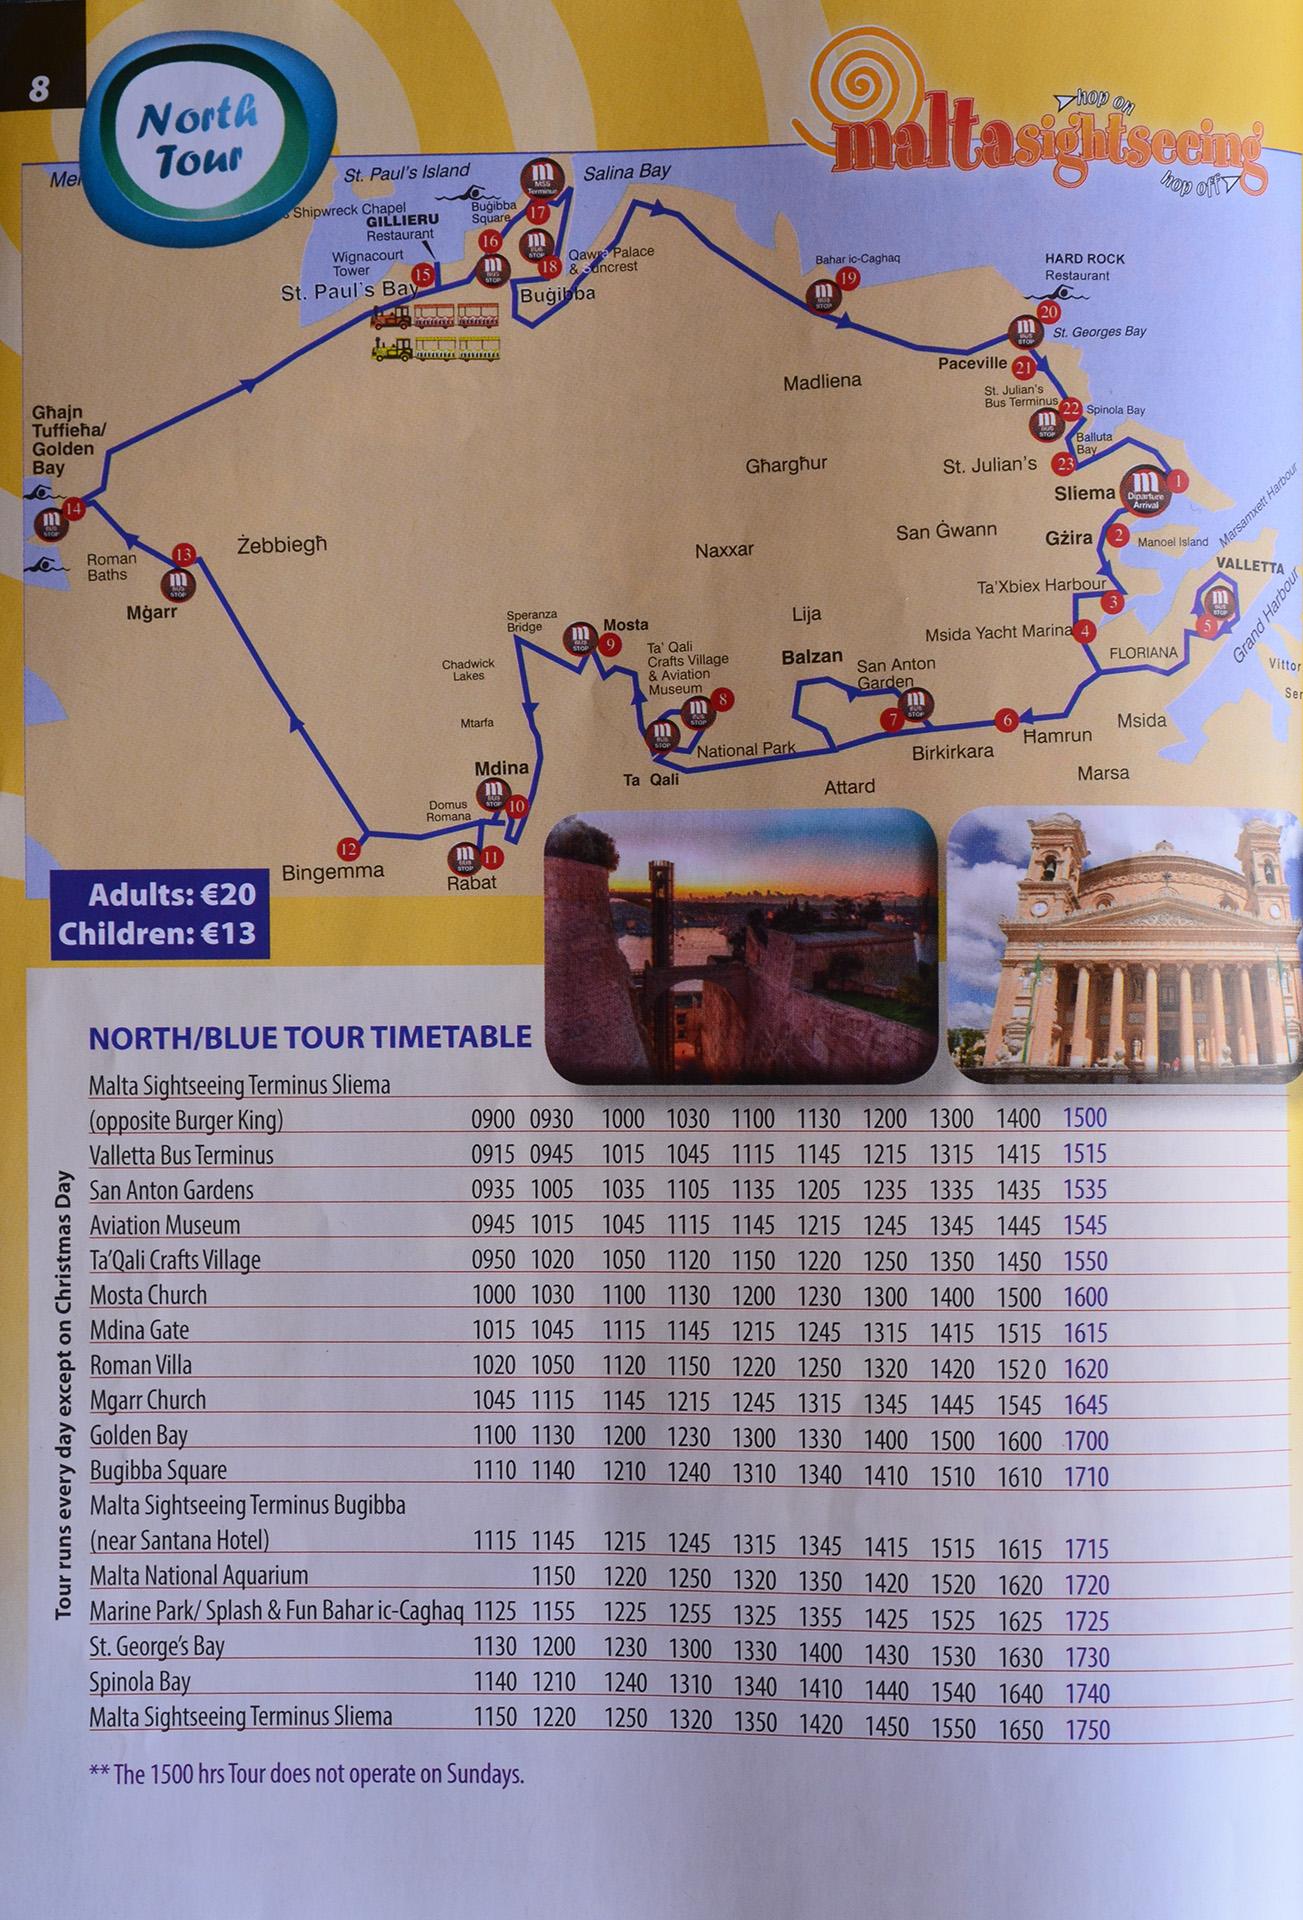 autobus malta sightseeing north tour niebieski